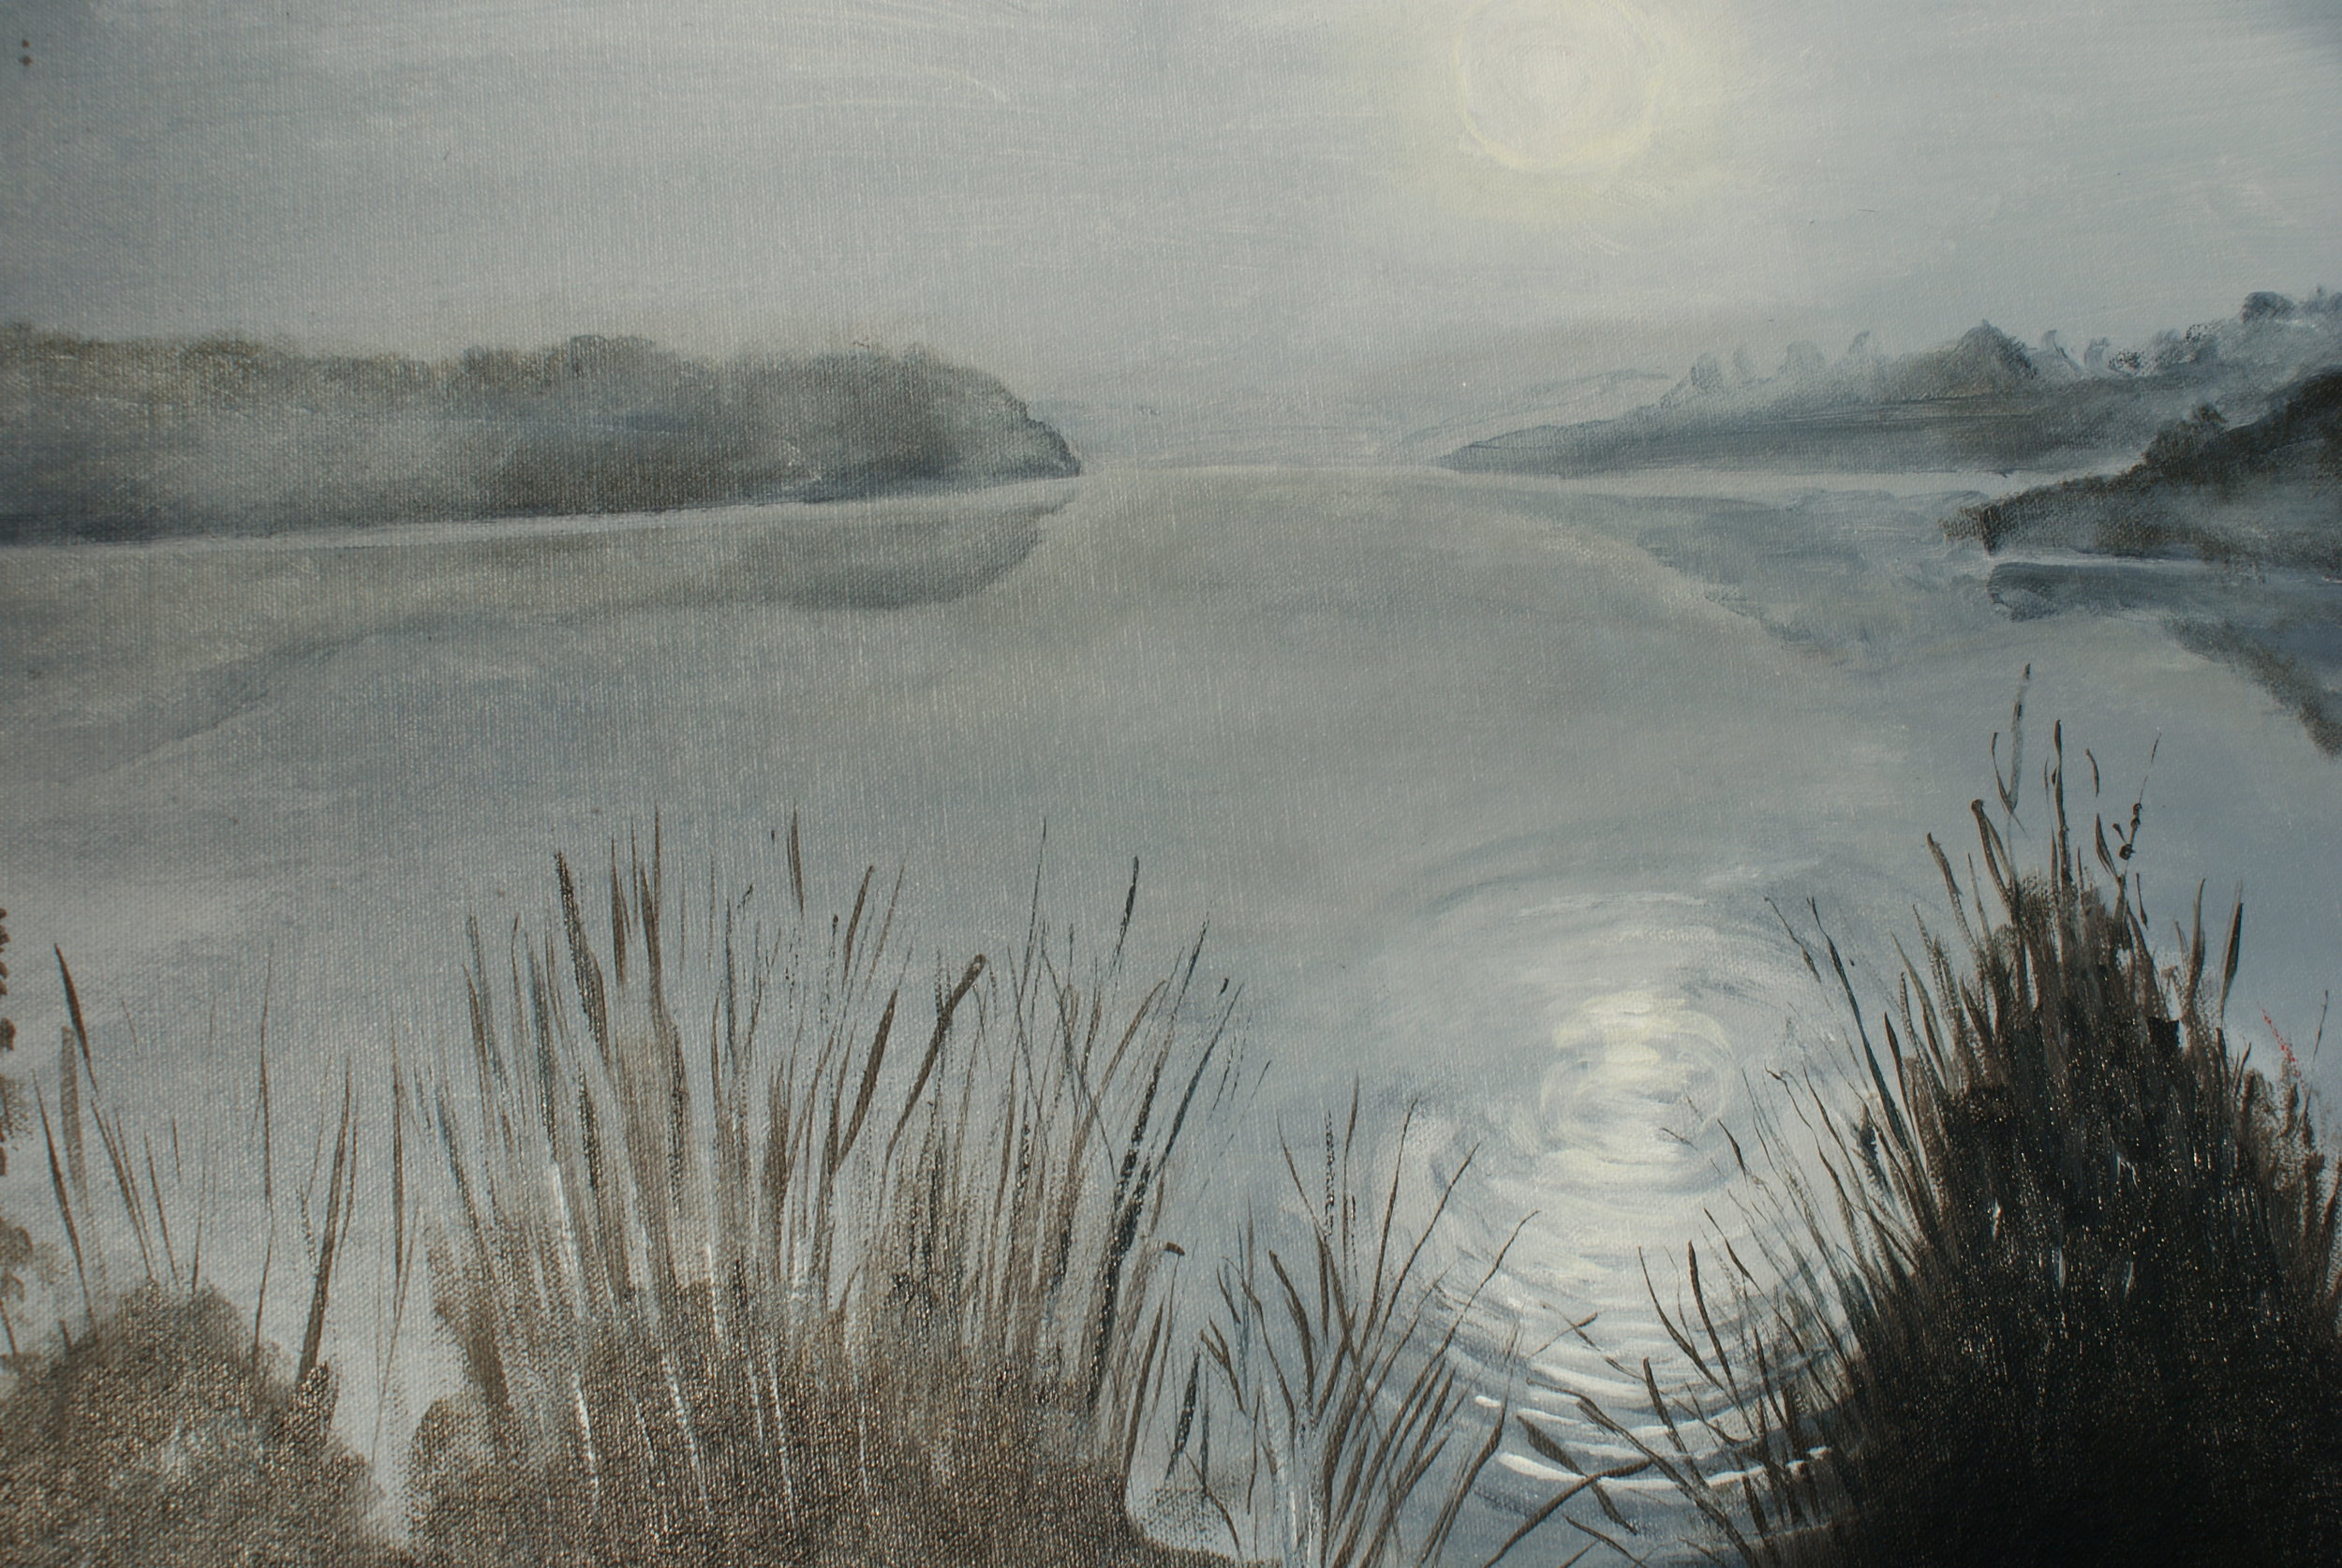 Blaxton Moor